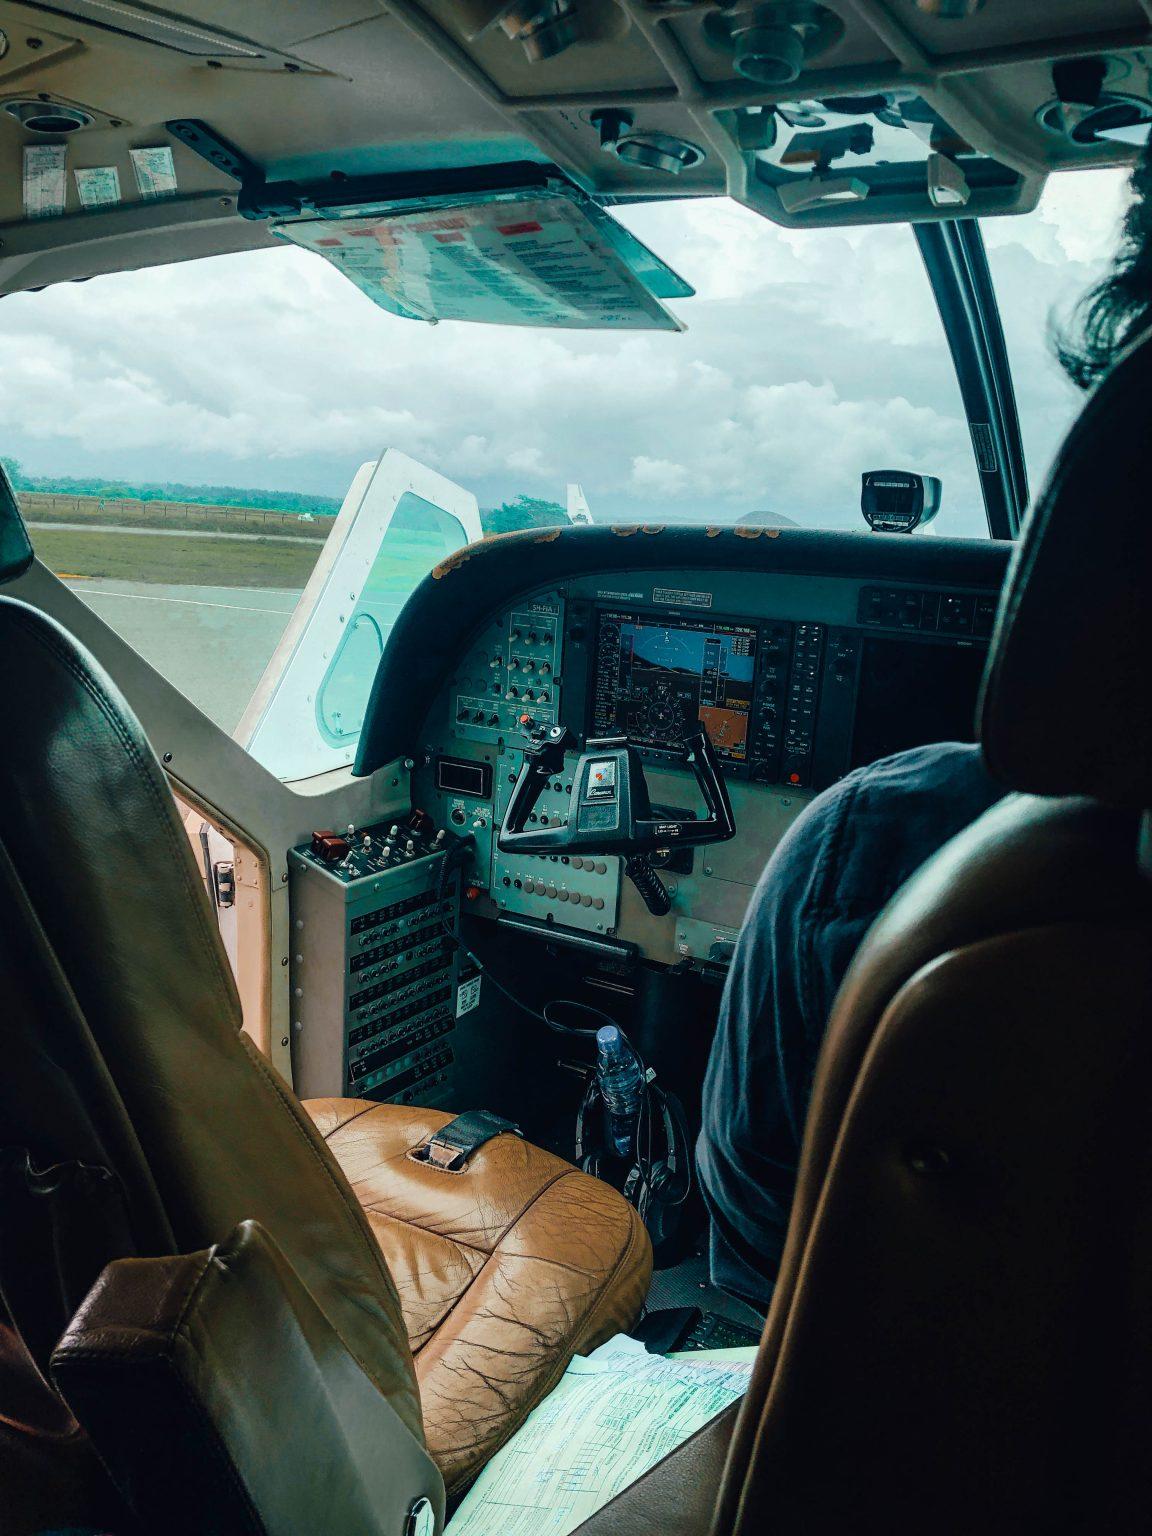 The flight from Arusha to Zanzibar